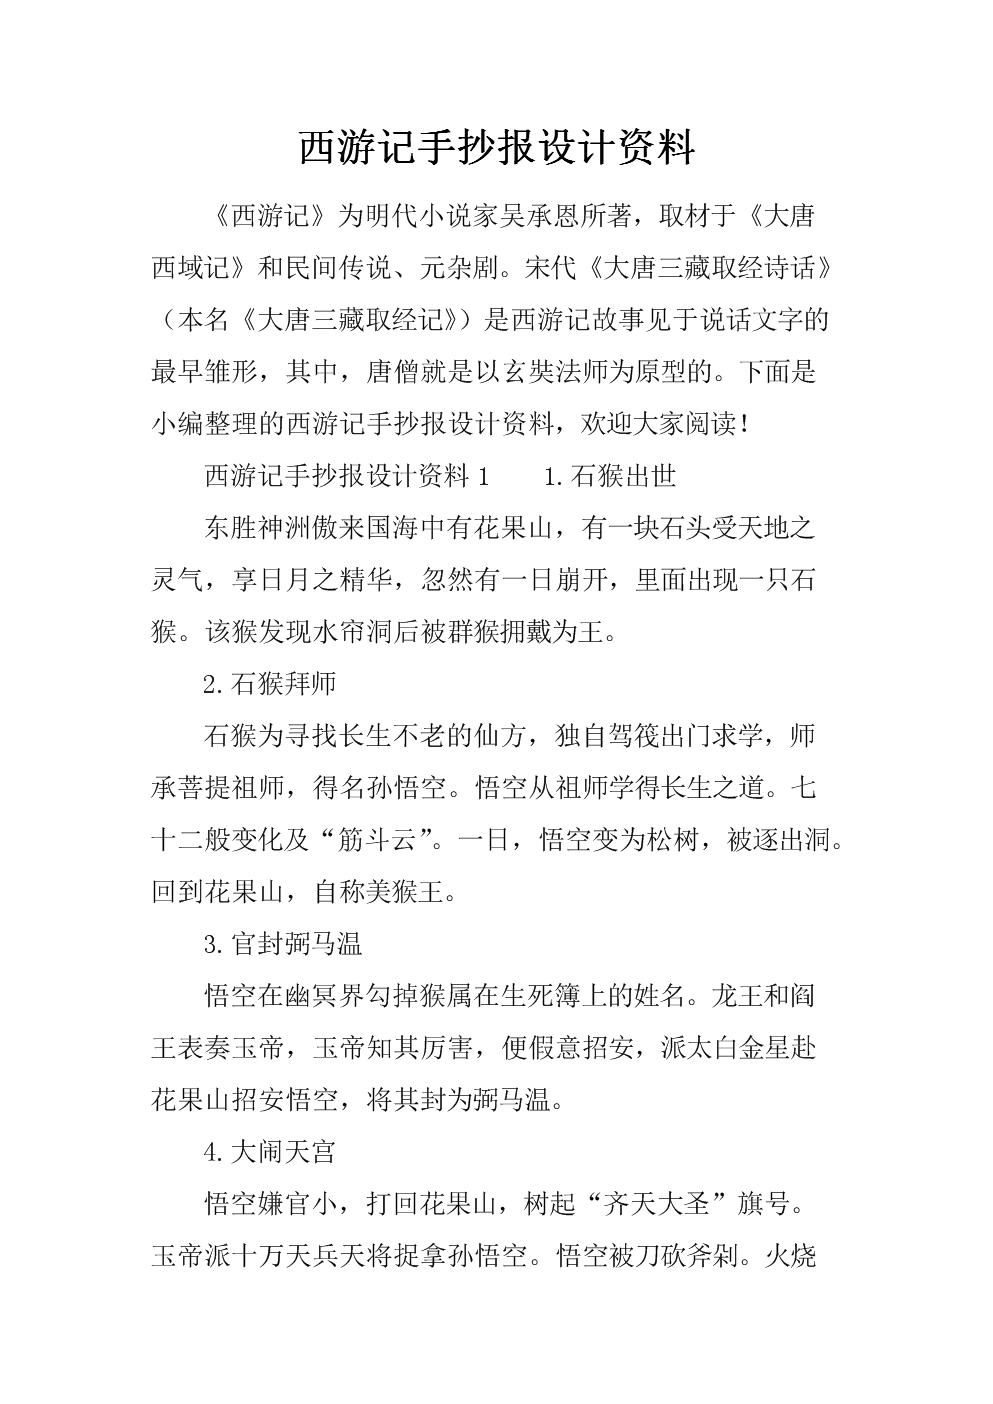 西游记手抄报设计资料.docx